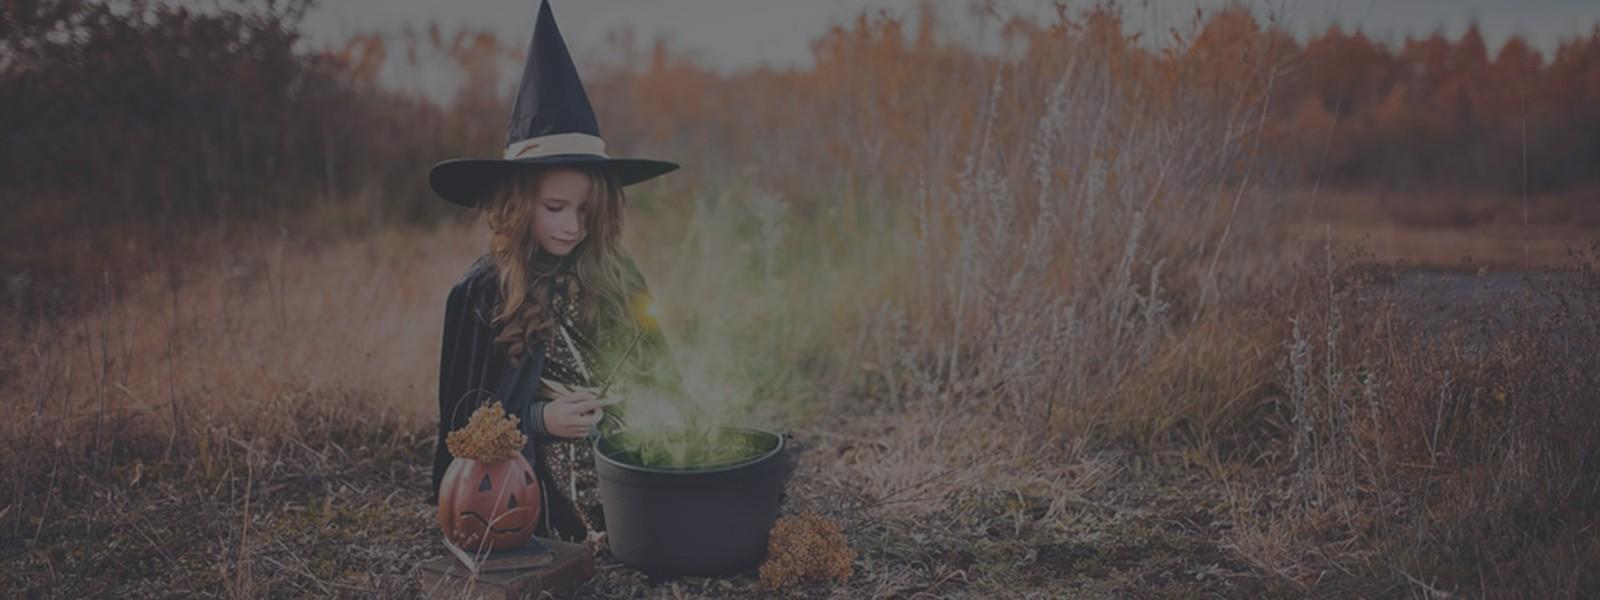 Spécial Halloween : 10 livres jeunesse, qui donnent la frousse